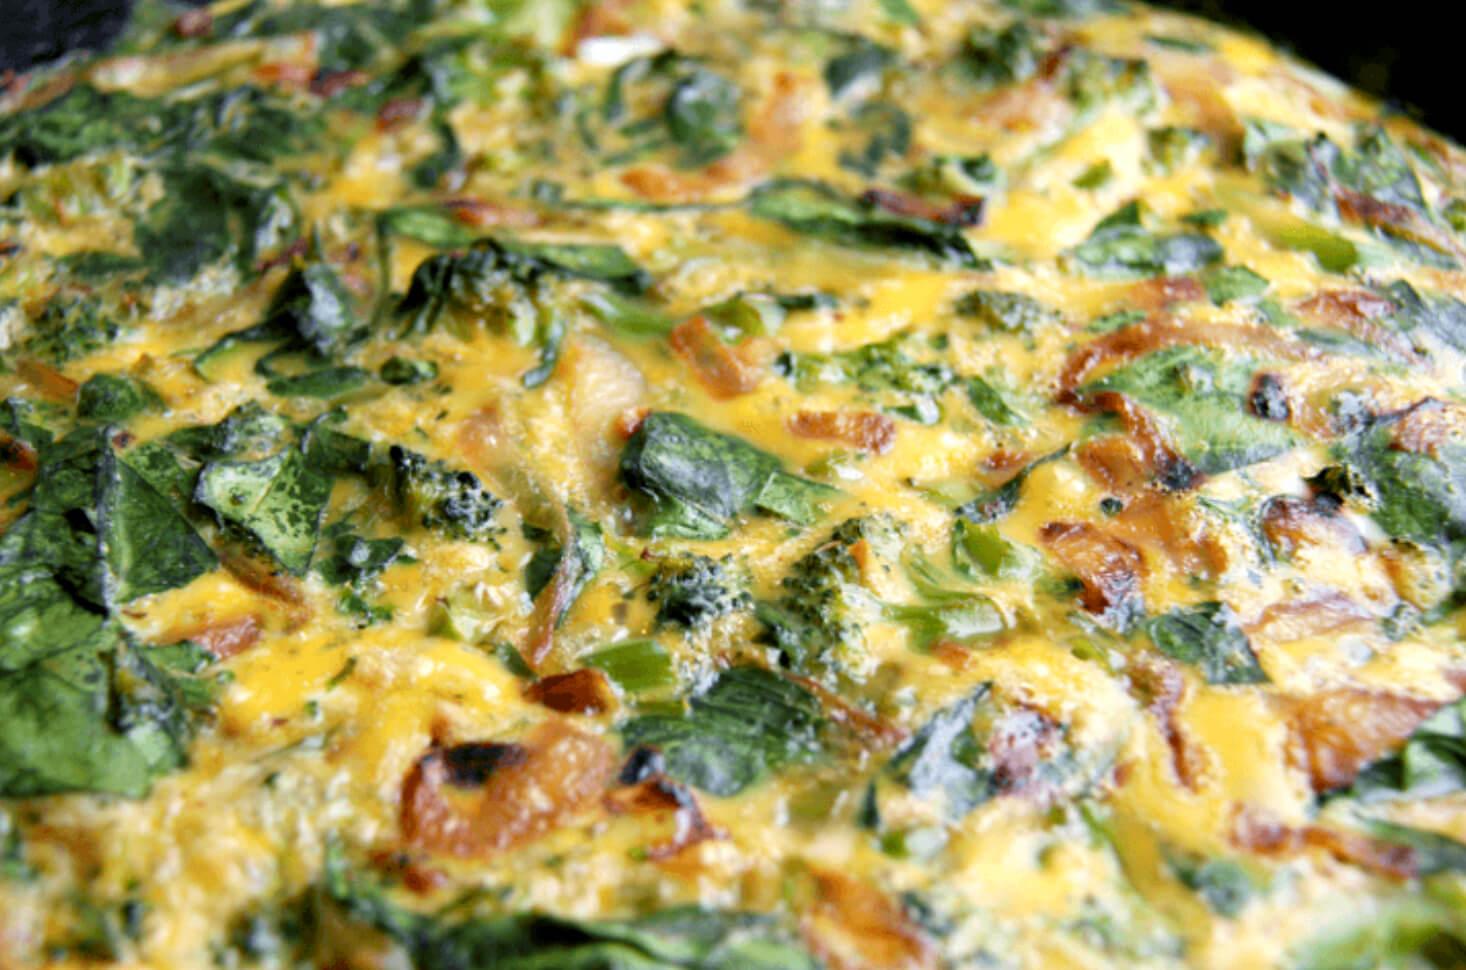 Broccoli Spinach Frittata